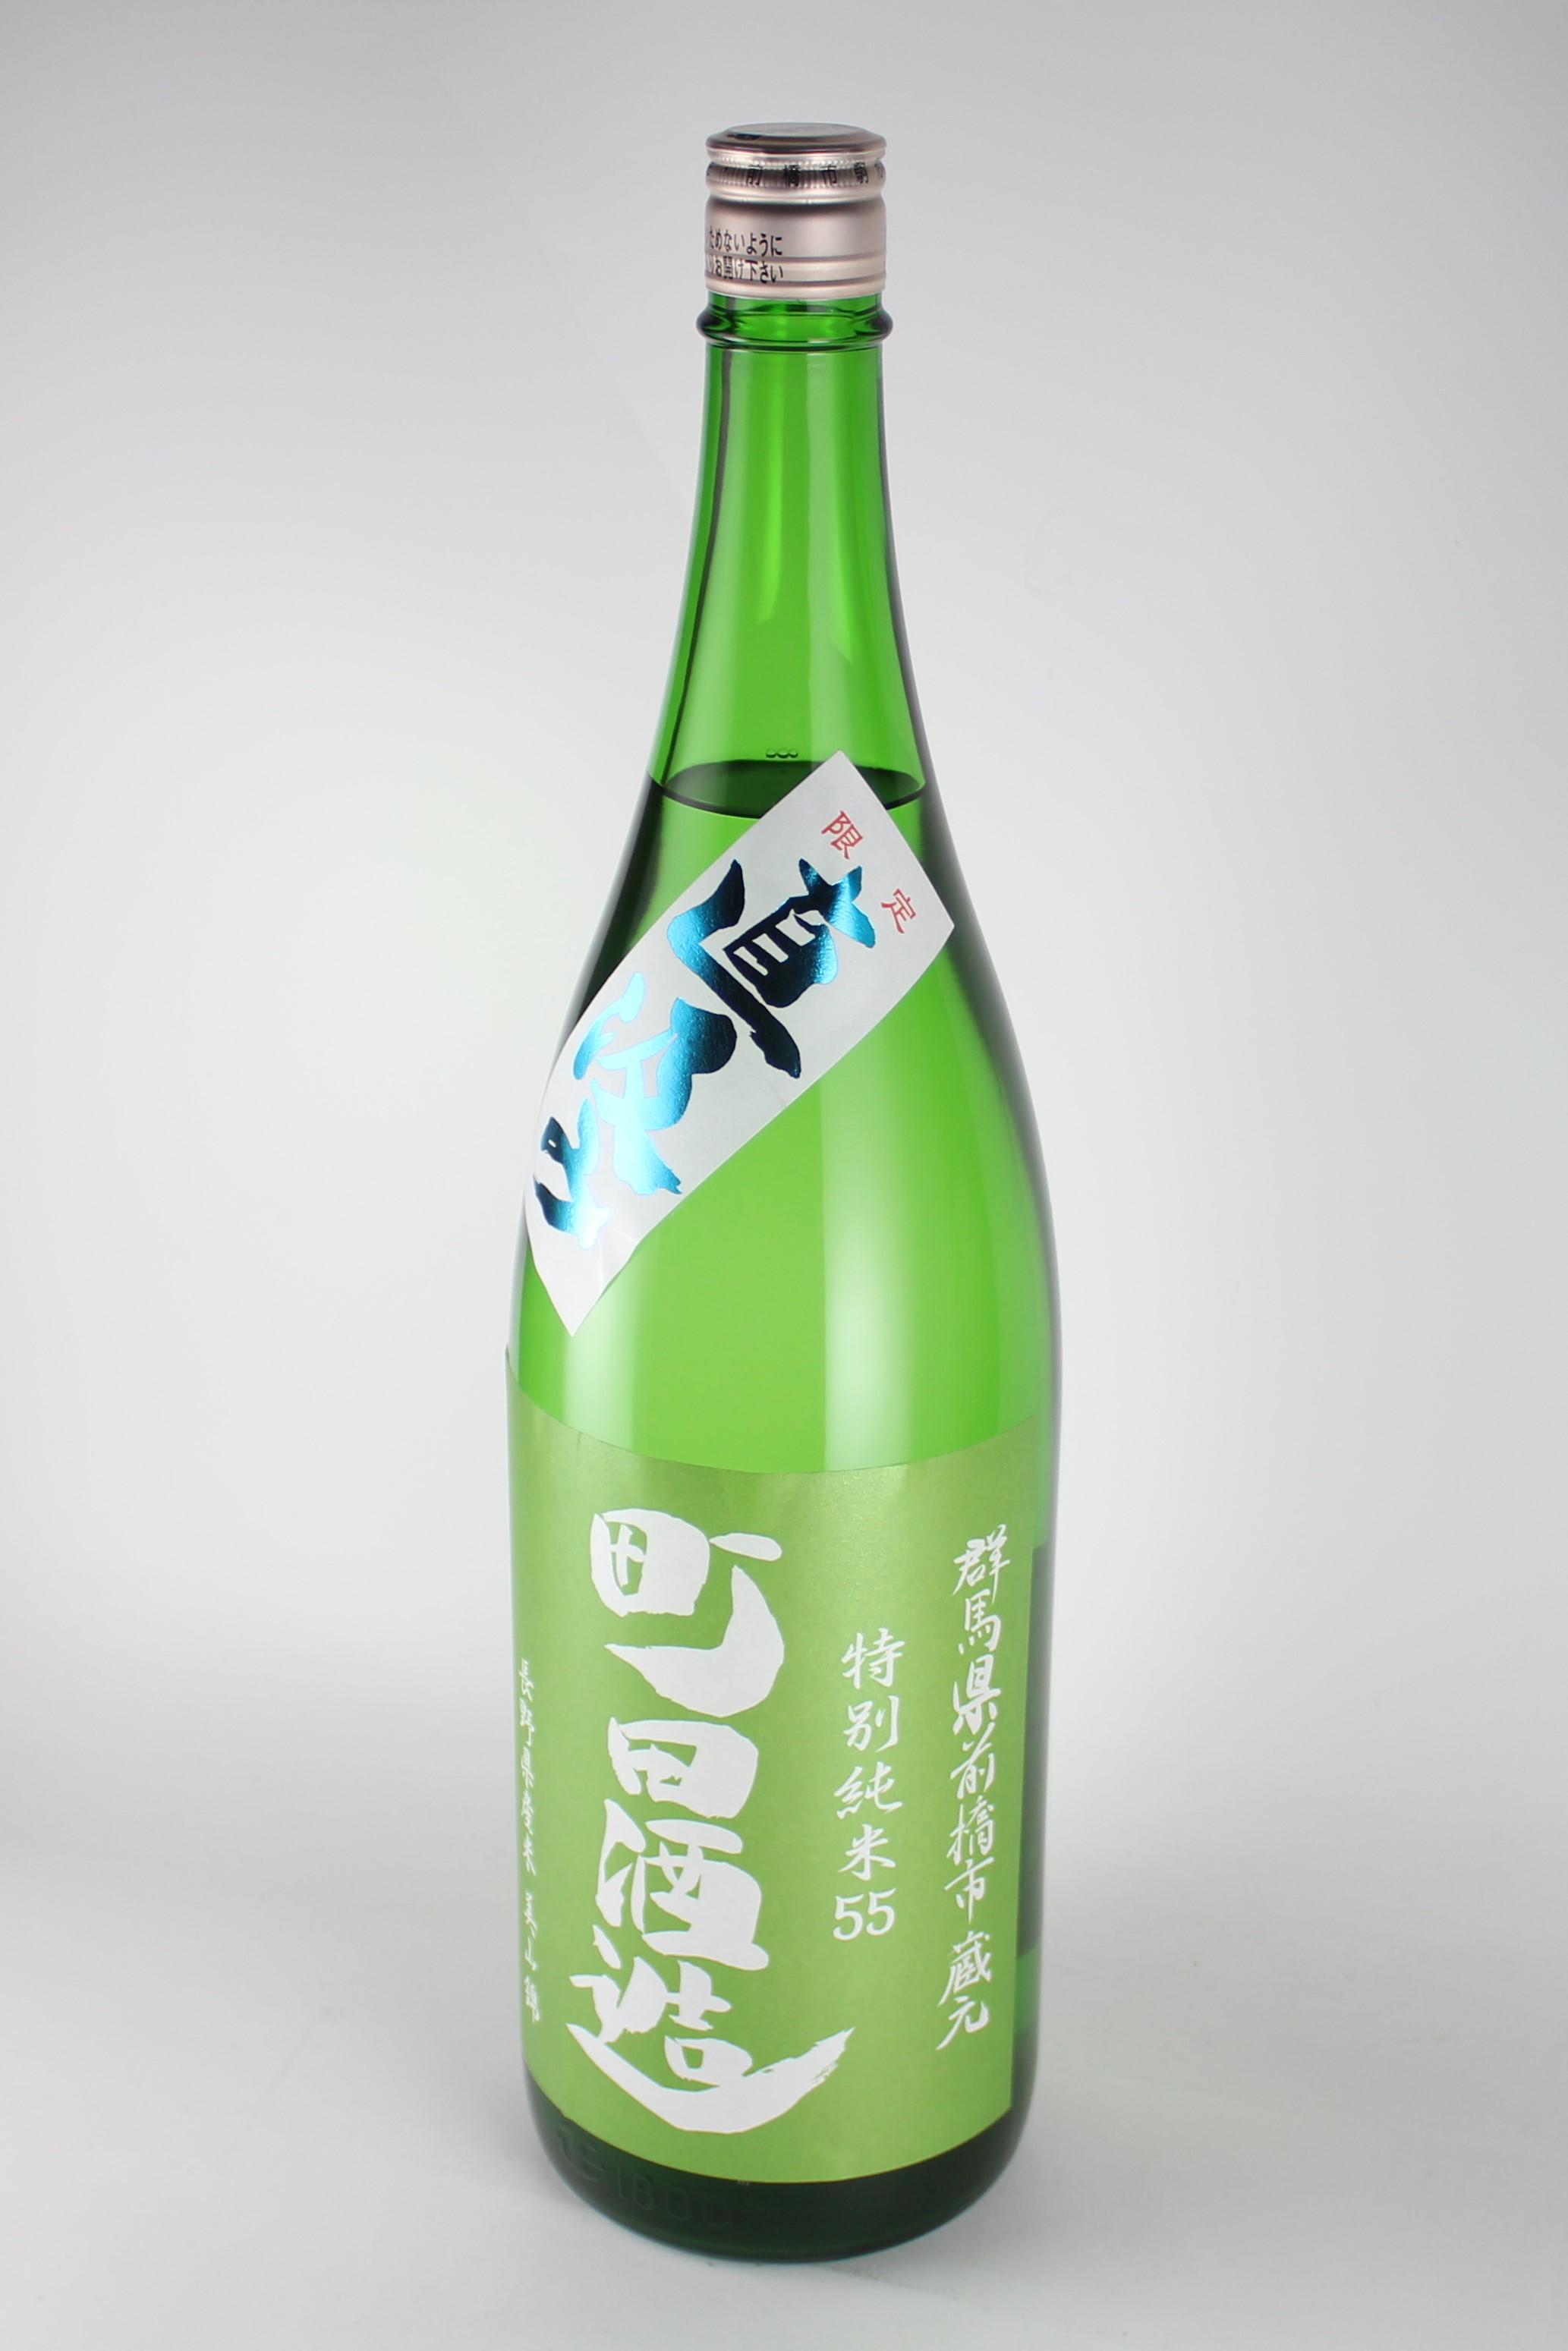 Takachiyo59 CHAPTER3 純米吟醸無調整生原酒 愛山×雄町 500ml 【新潟/高千代酒造】